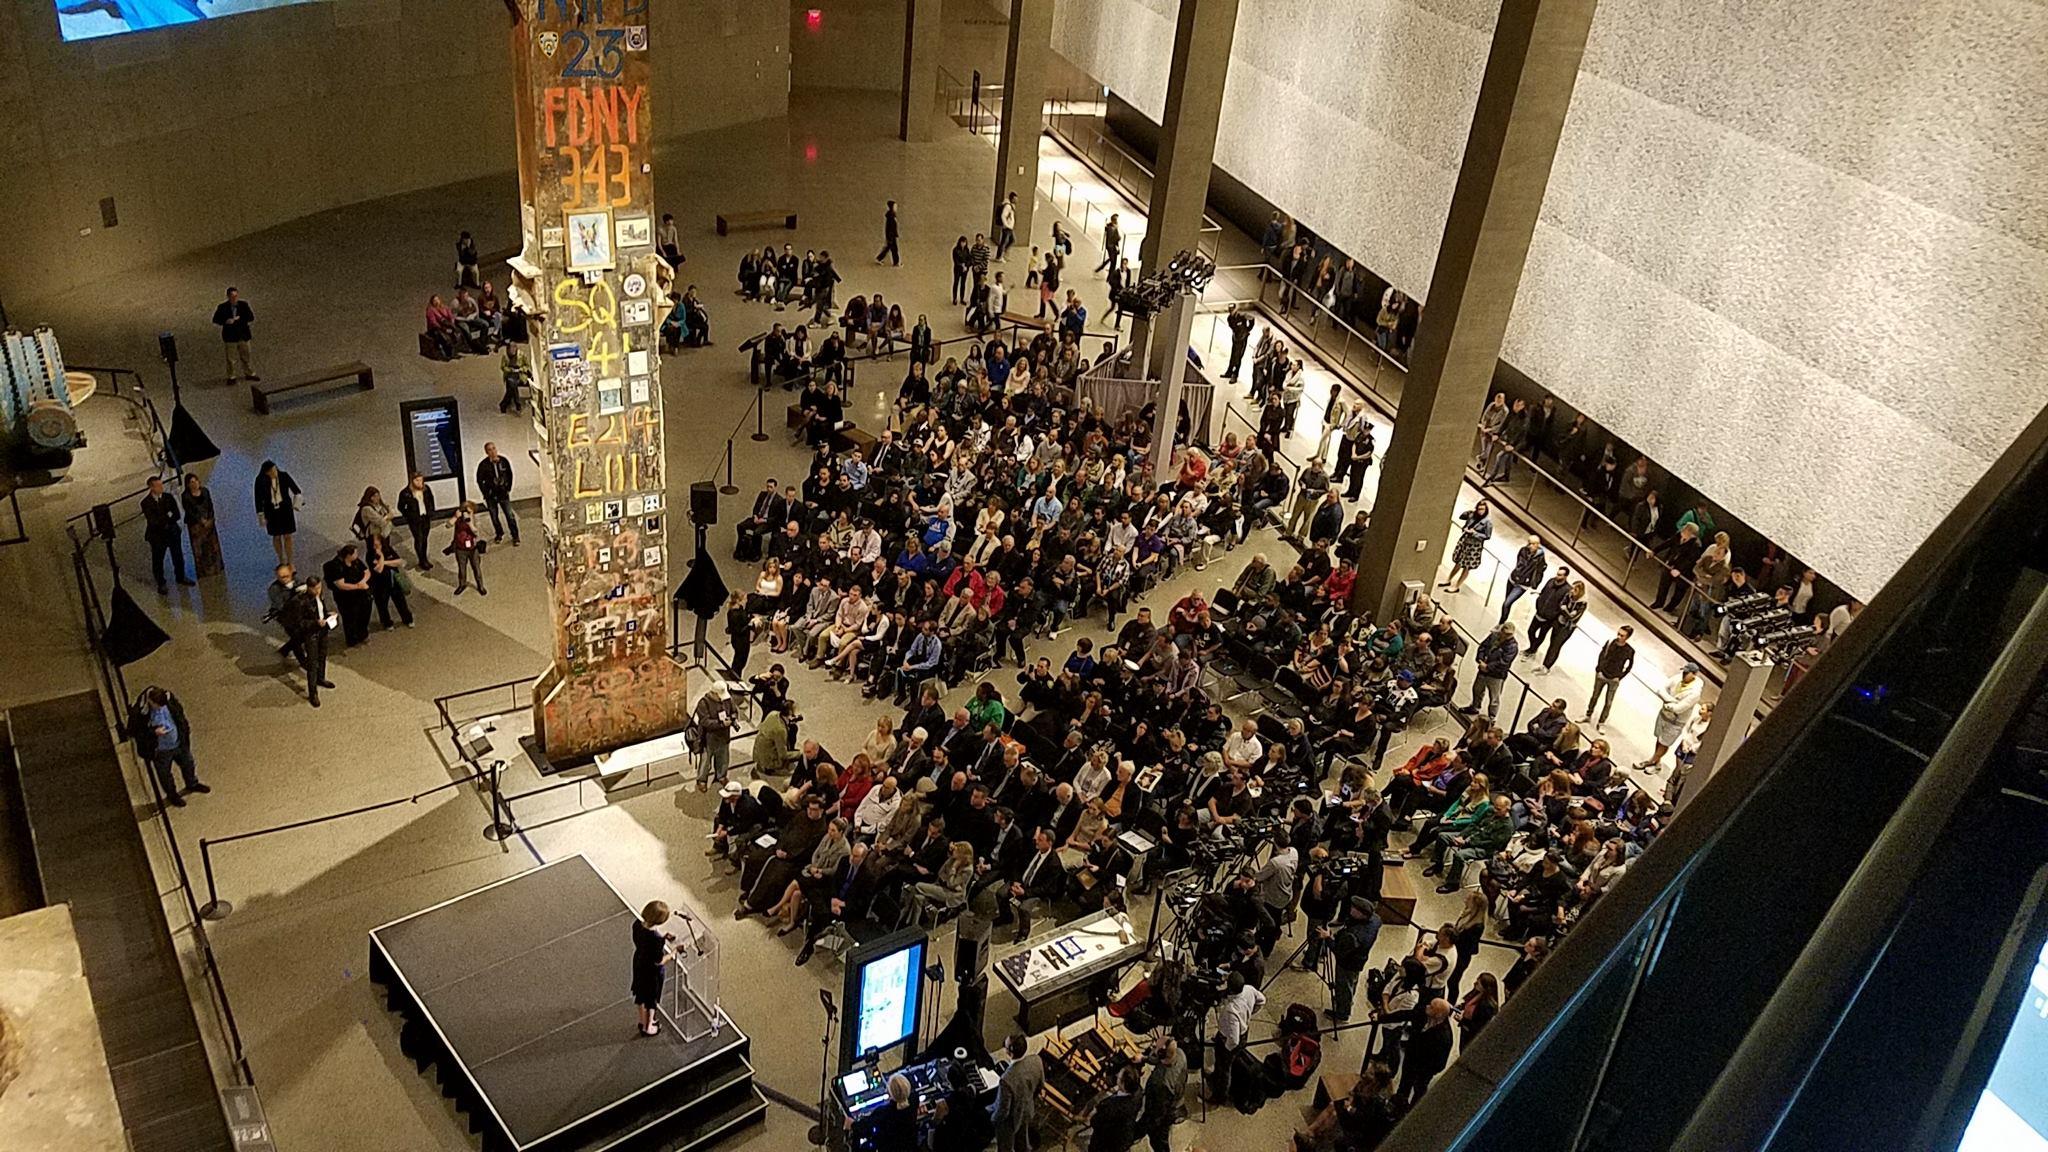 Wide View of Audience.jpg